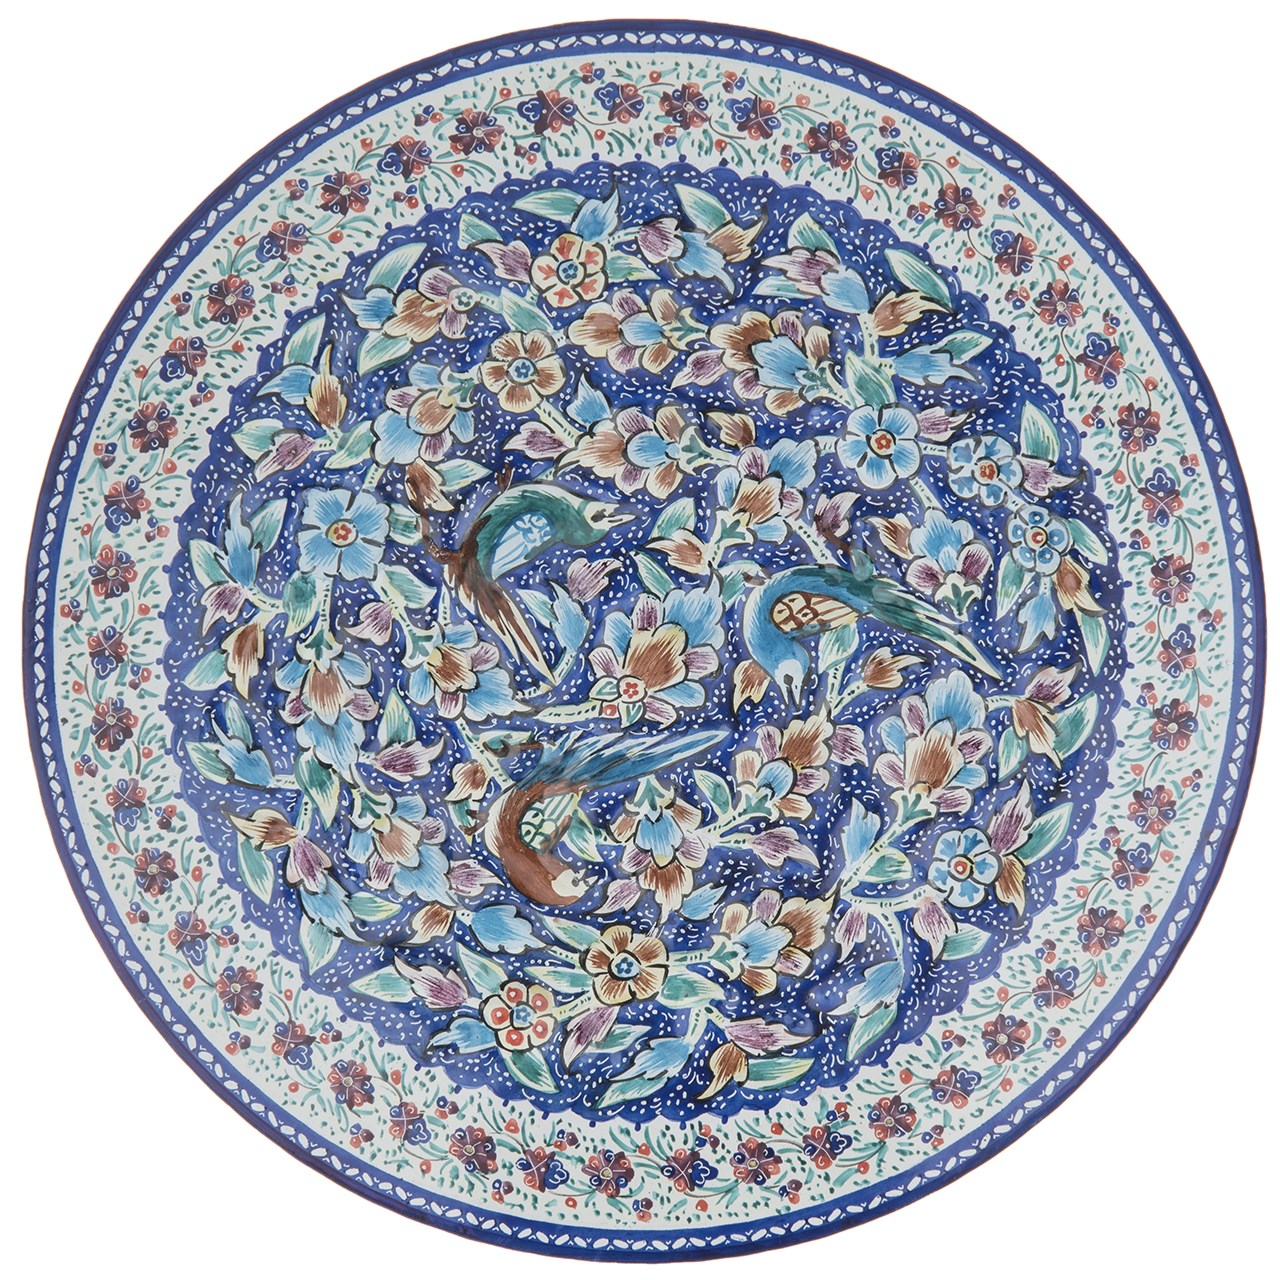 بشقاب مسی میناکاری شده اثر اسماعیلی طرح گل و مرغ برجسته قطر 20 سانتی متر